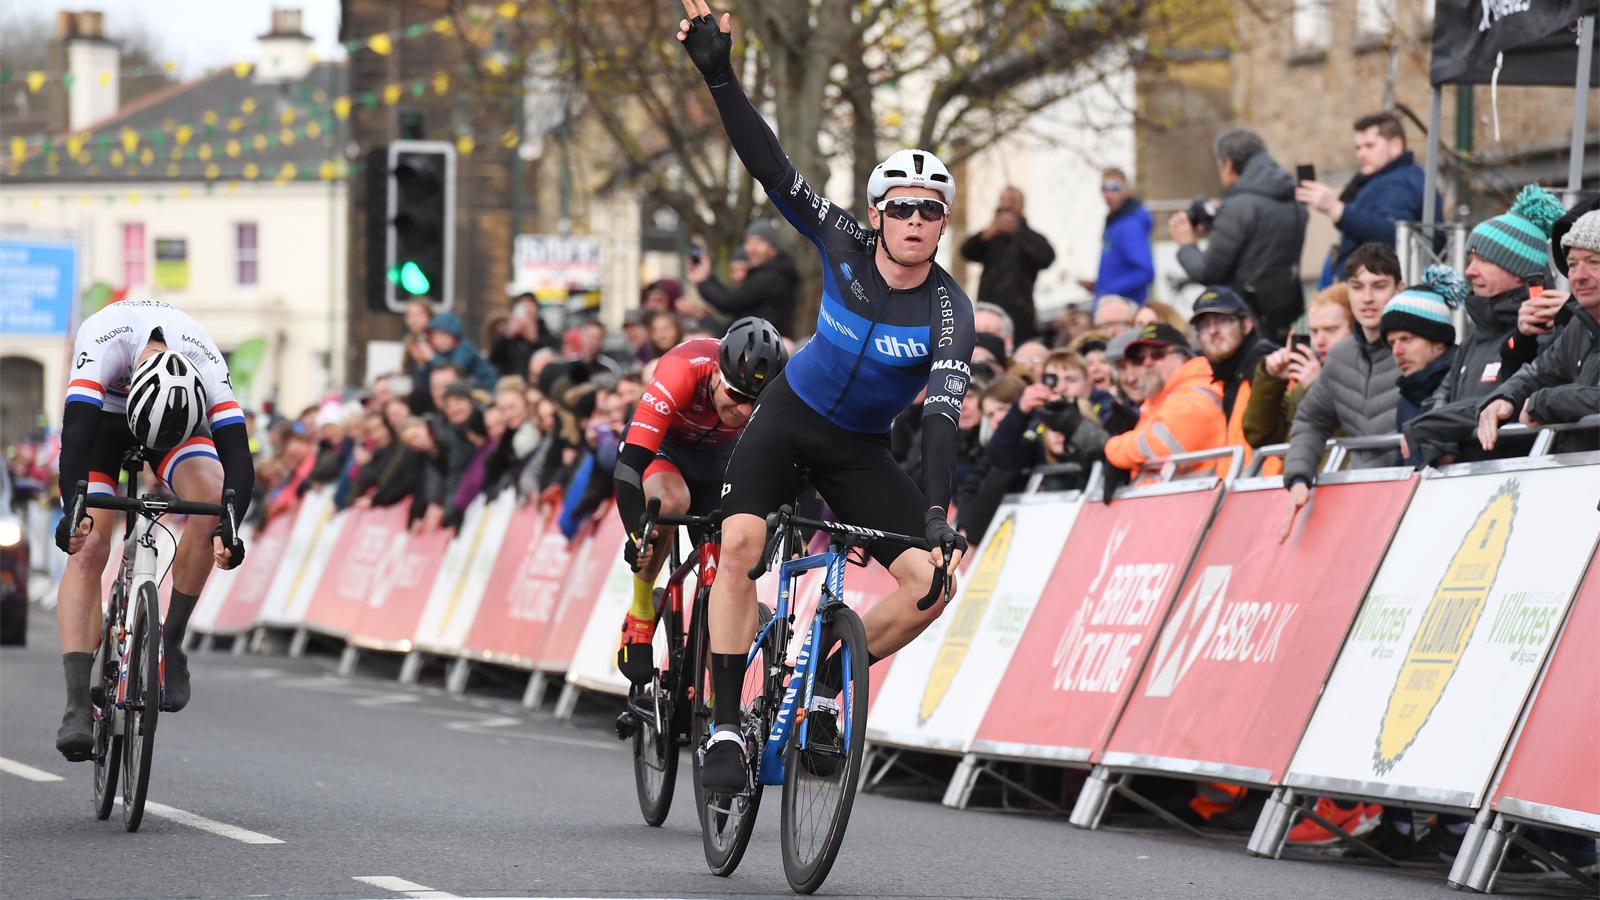 Team Qualification Tour of Britain